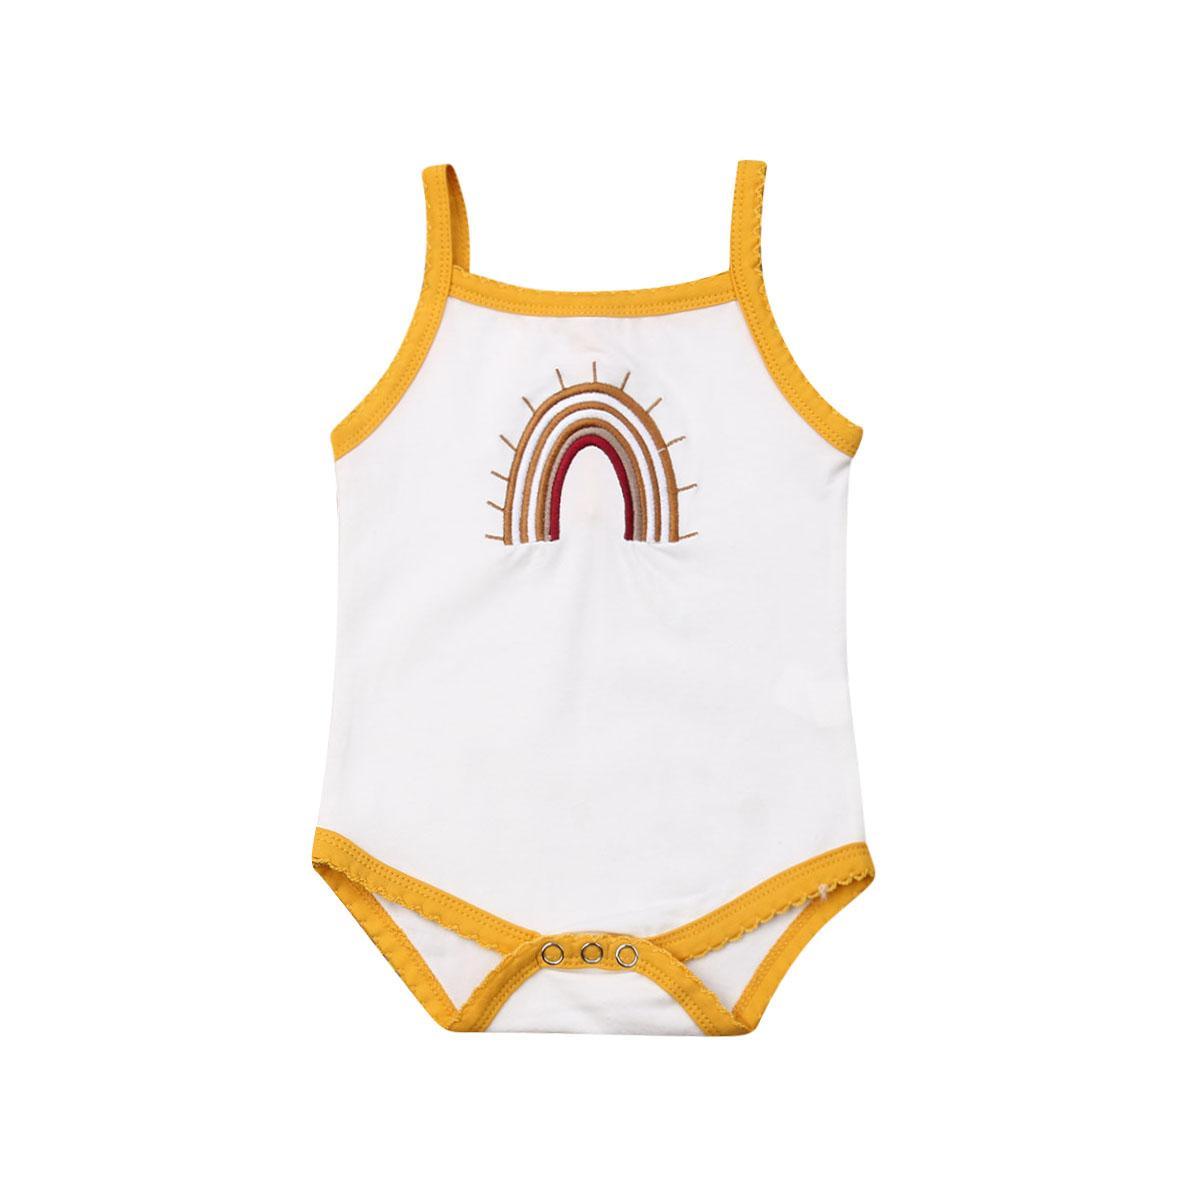 2019 infantili della neonata Kid maniche tuta di estate della tuta un pezzo fototecnica cotone delle ragazze vestiti casuali 0-24M